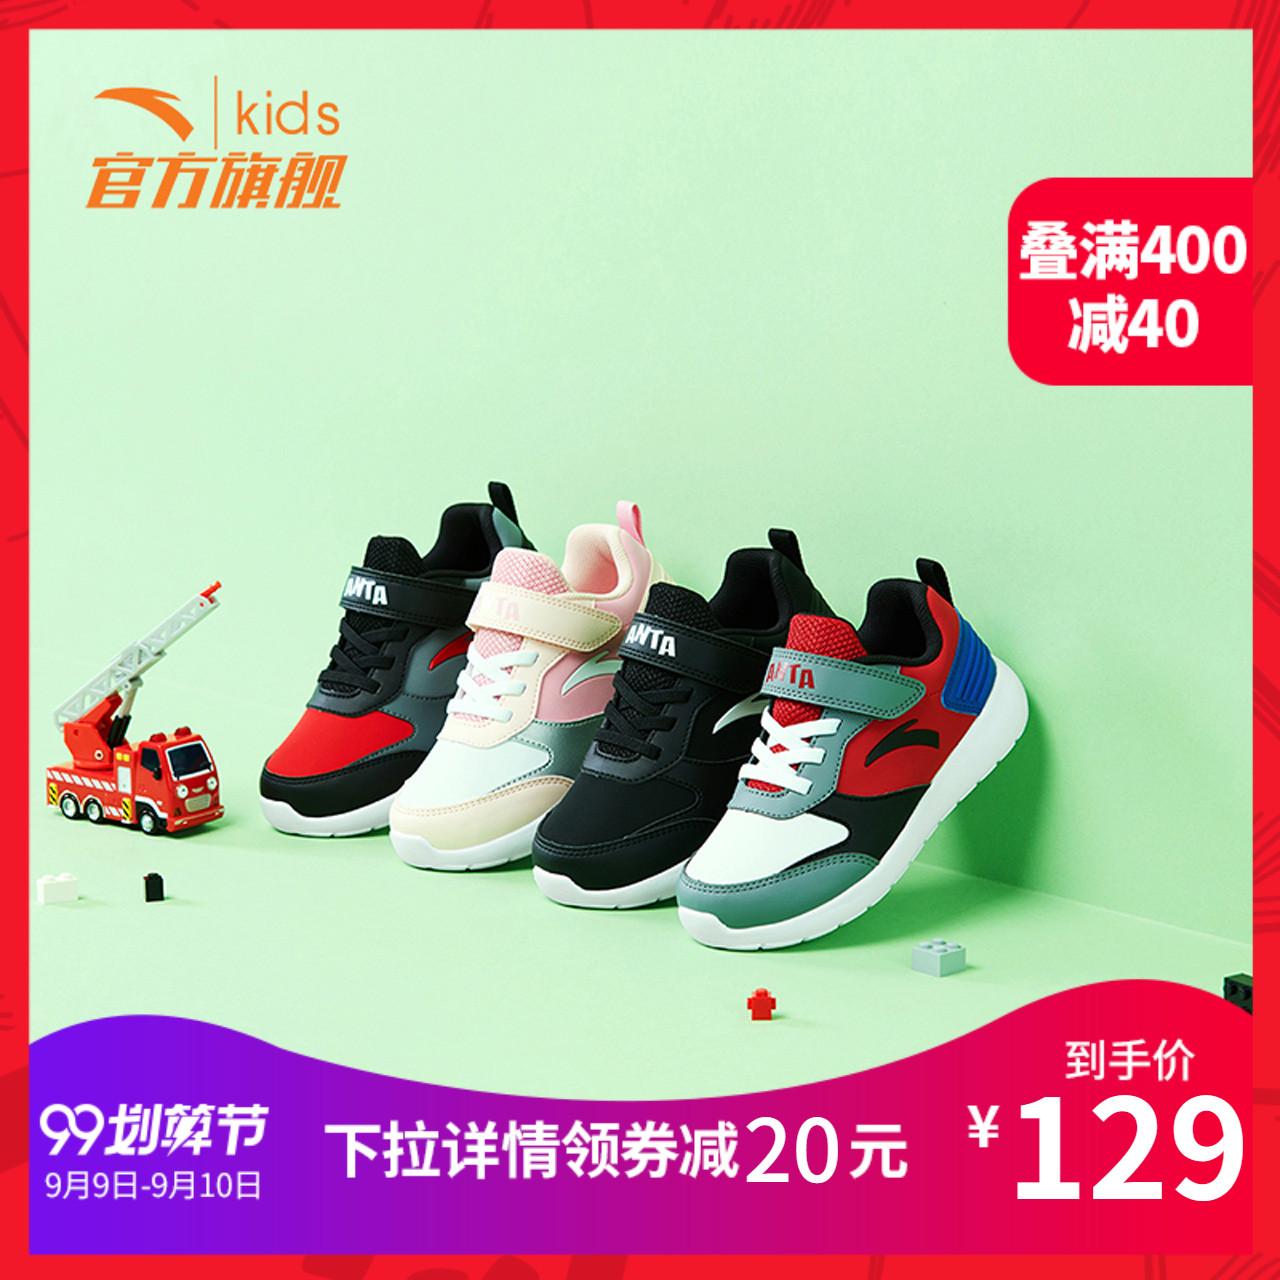 安踏童鞋小童鞋2019秋冬季新款跑步鞋革面男女魔术贴儿童运动鞋